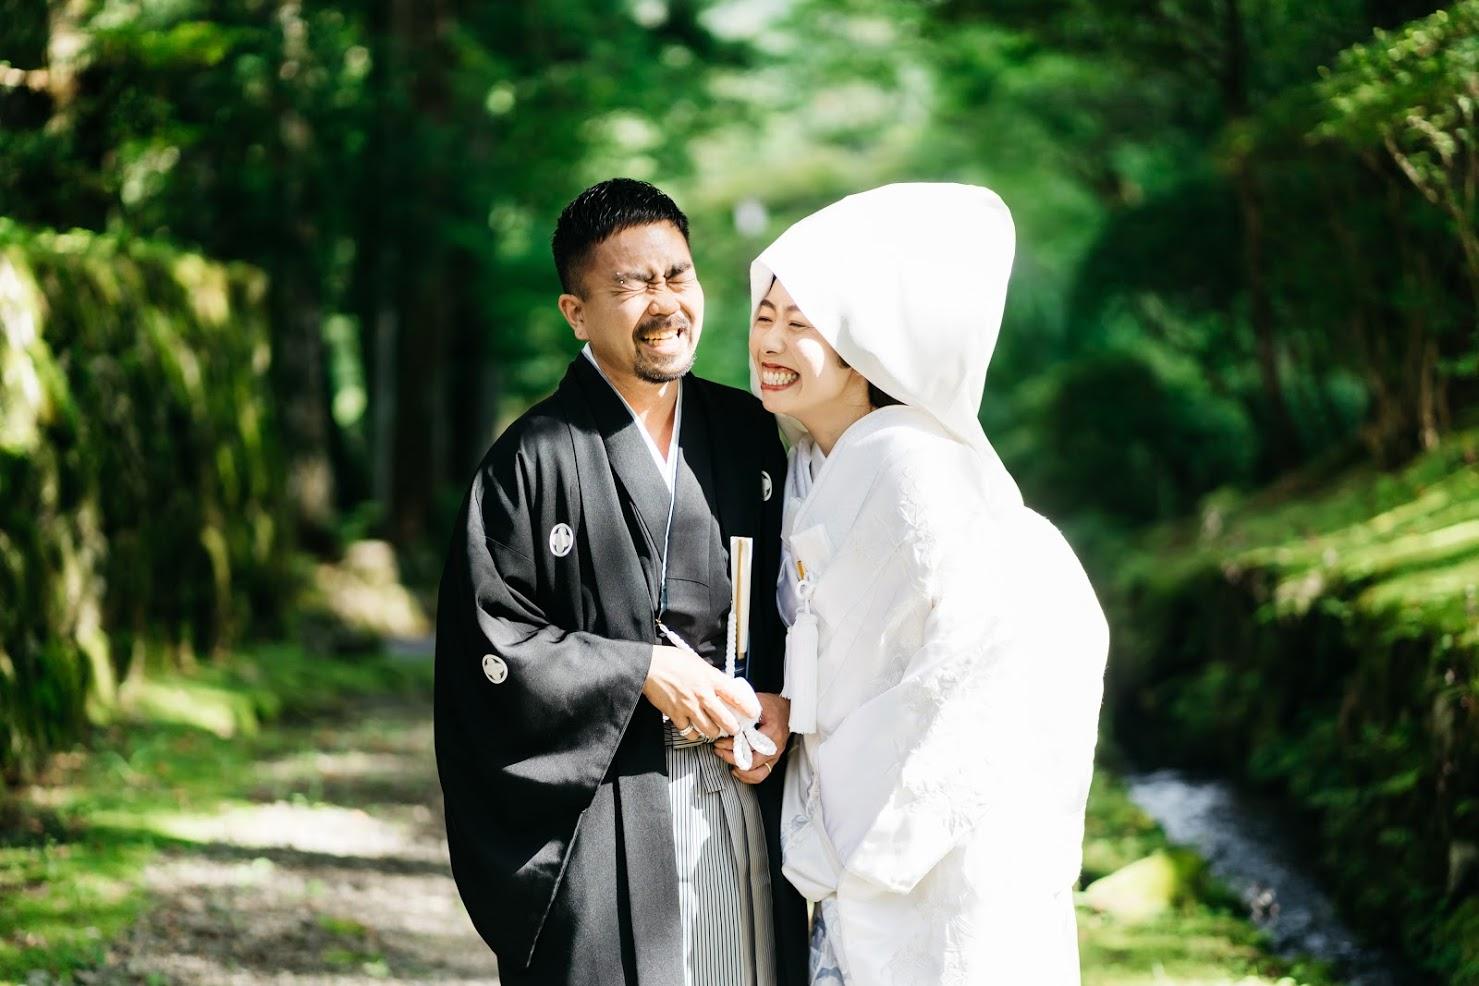 6月の花嫁に贈る結婚式プラン ~鮮やかな緑に囲まれて~